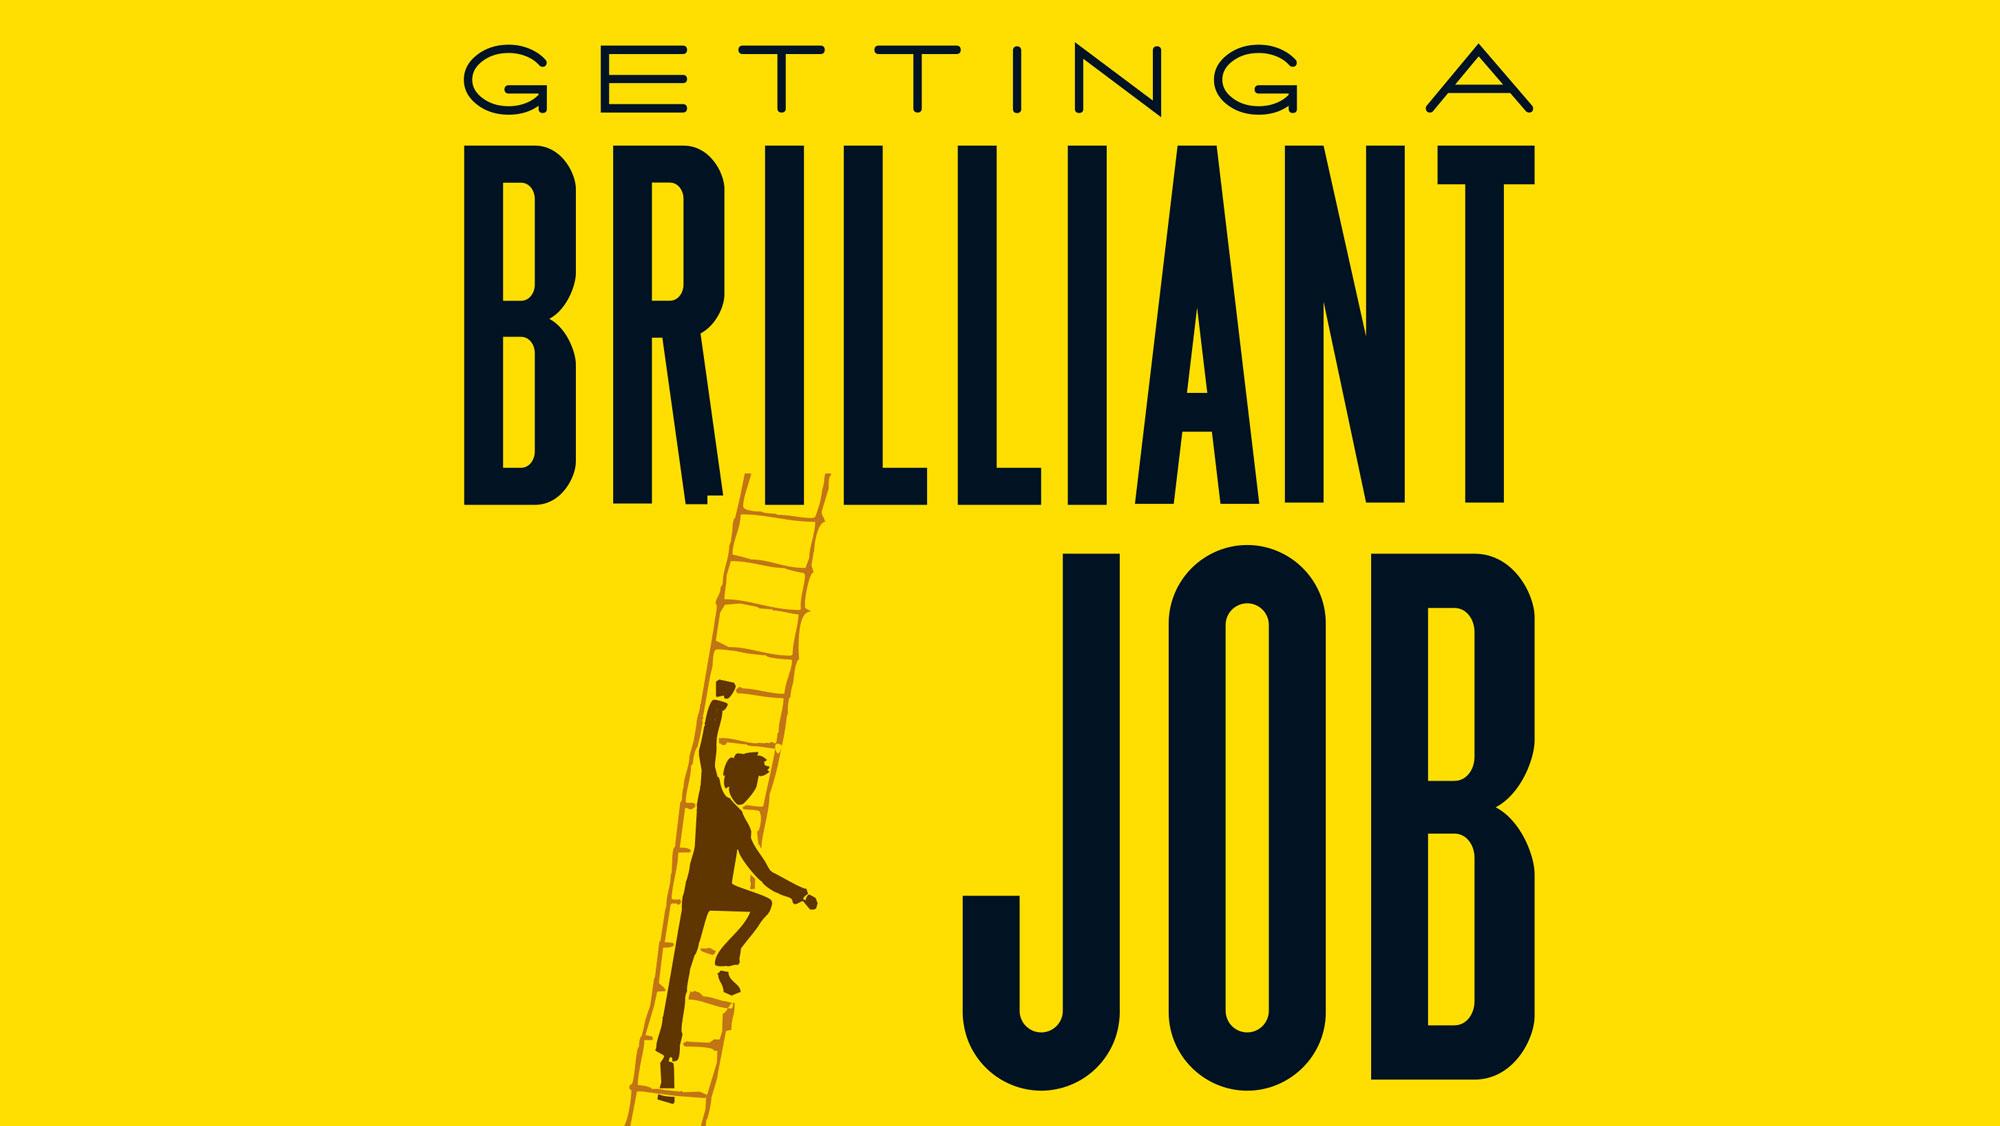 Print: Getting A Brilliant Job